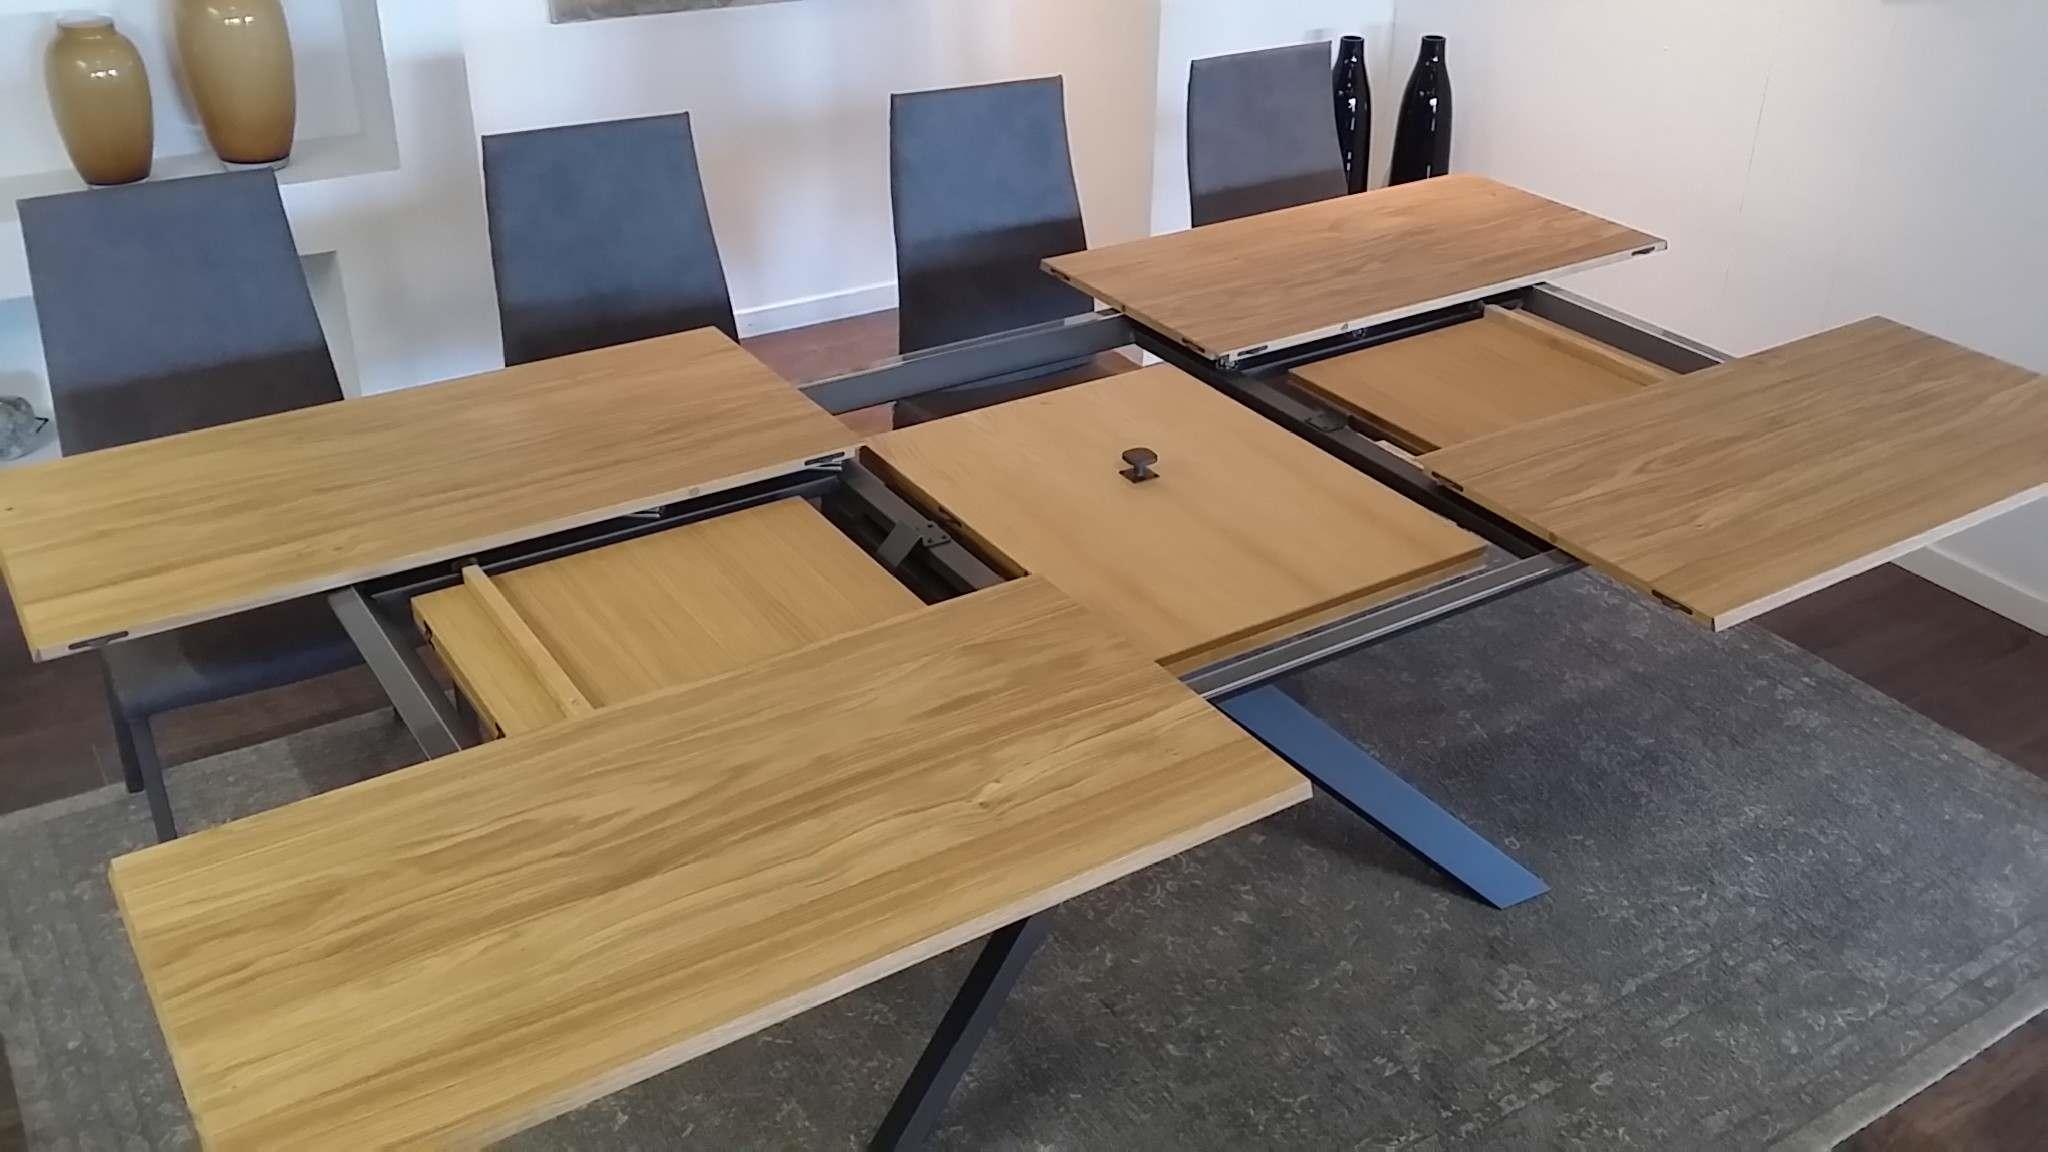 Outlet tavolo ozzio 4x4 t240 tavoli a prezzi scontati for Tavoli design outlet